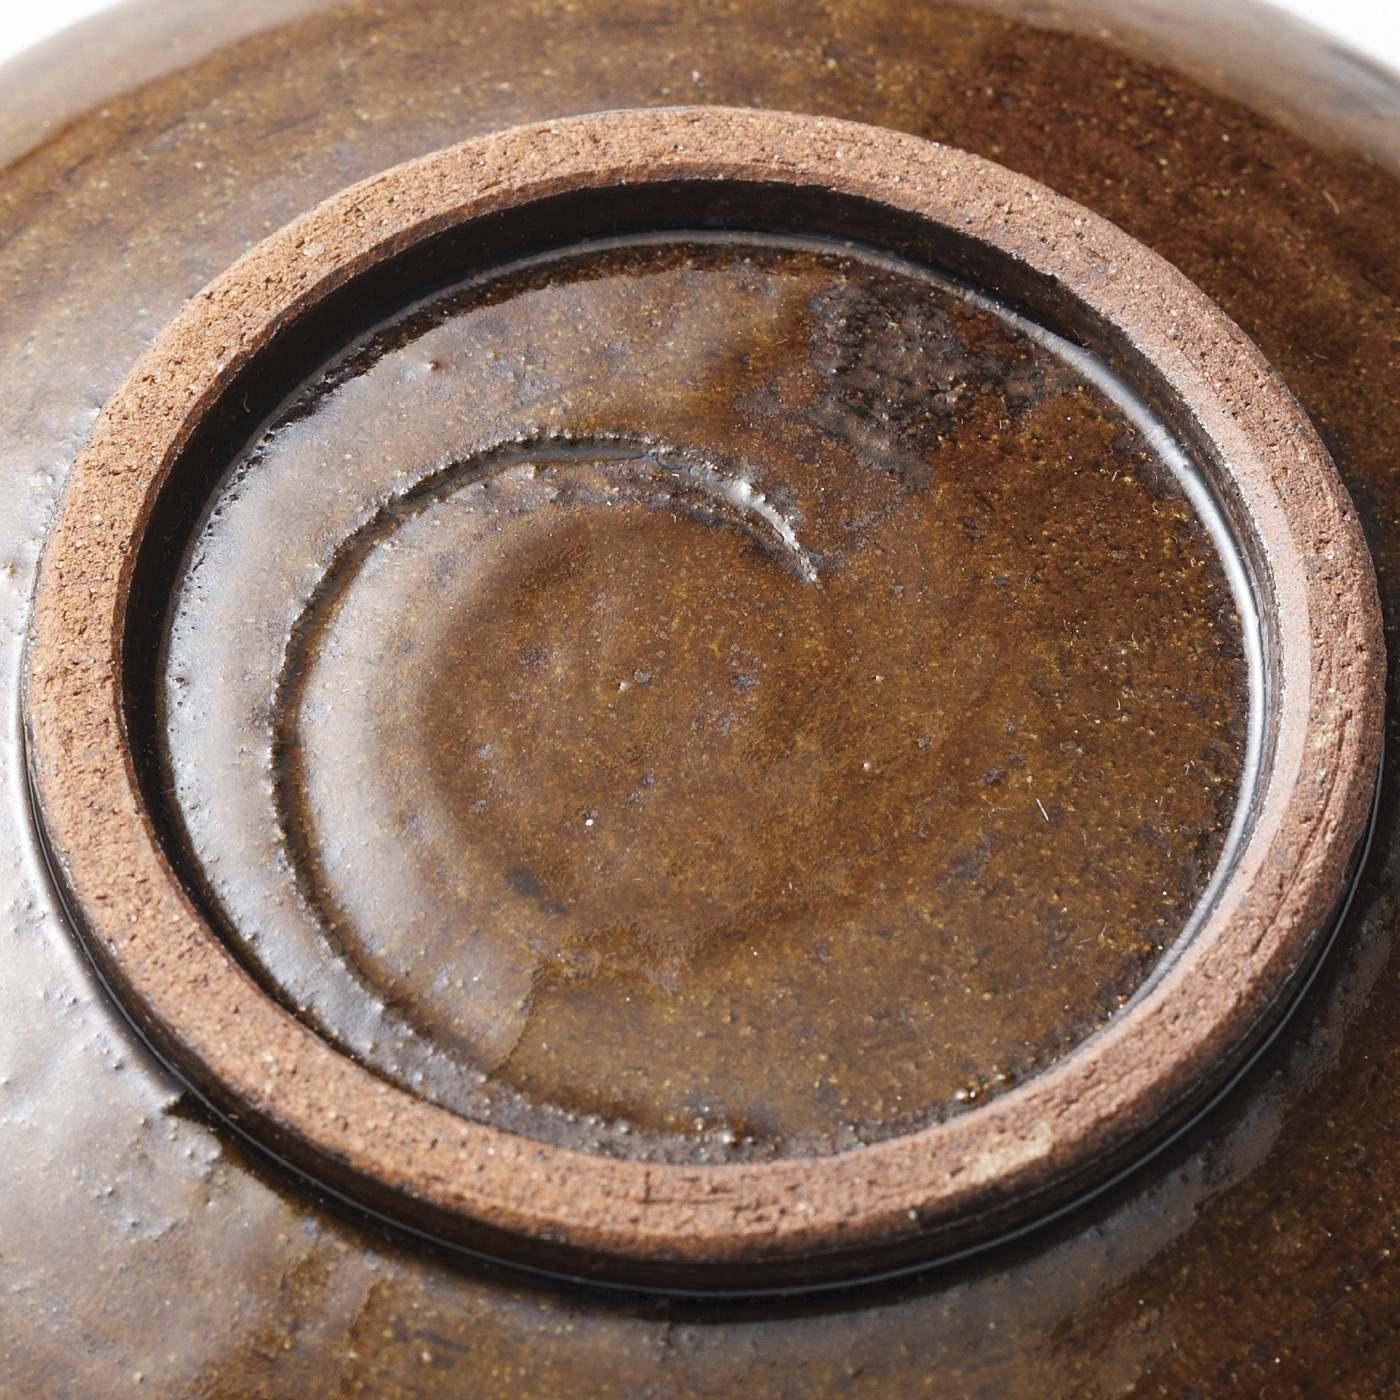 手のぬくもりを伝える皿底の「カンナあと」はより滑らかになるように、ひとつずつ手作業で高台を削った証。